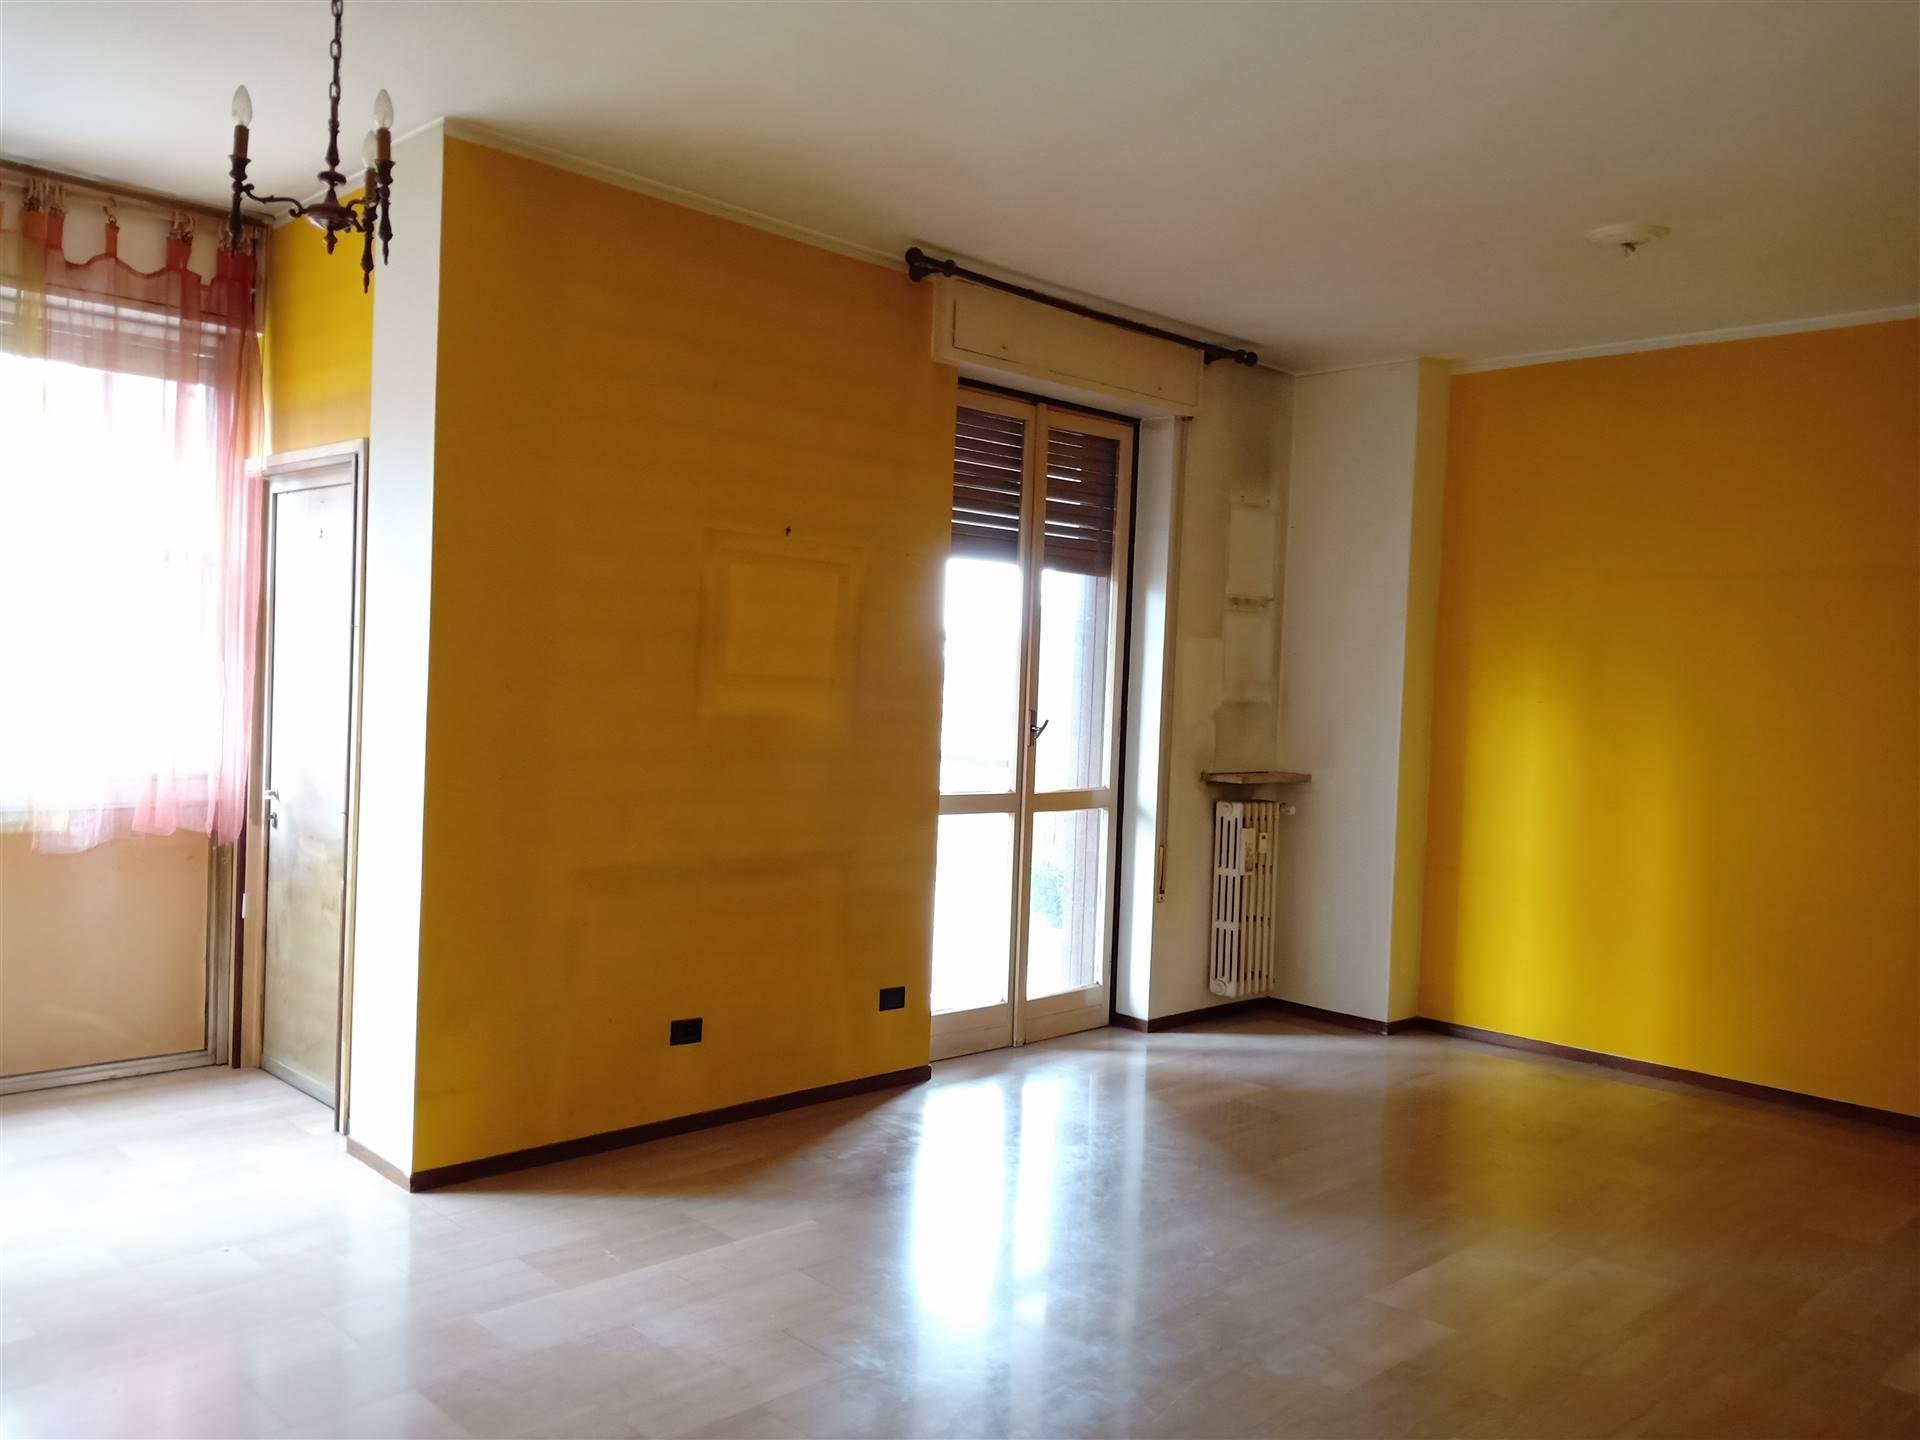 Appartamento in affitto a Gallarate, 3 locali, zona Località: CENTRO, prezzo € 550 | CambioCasa.it